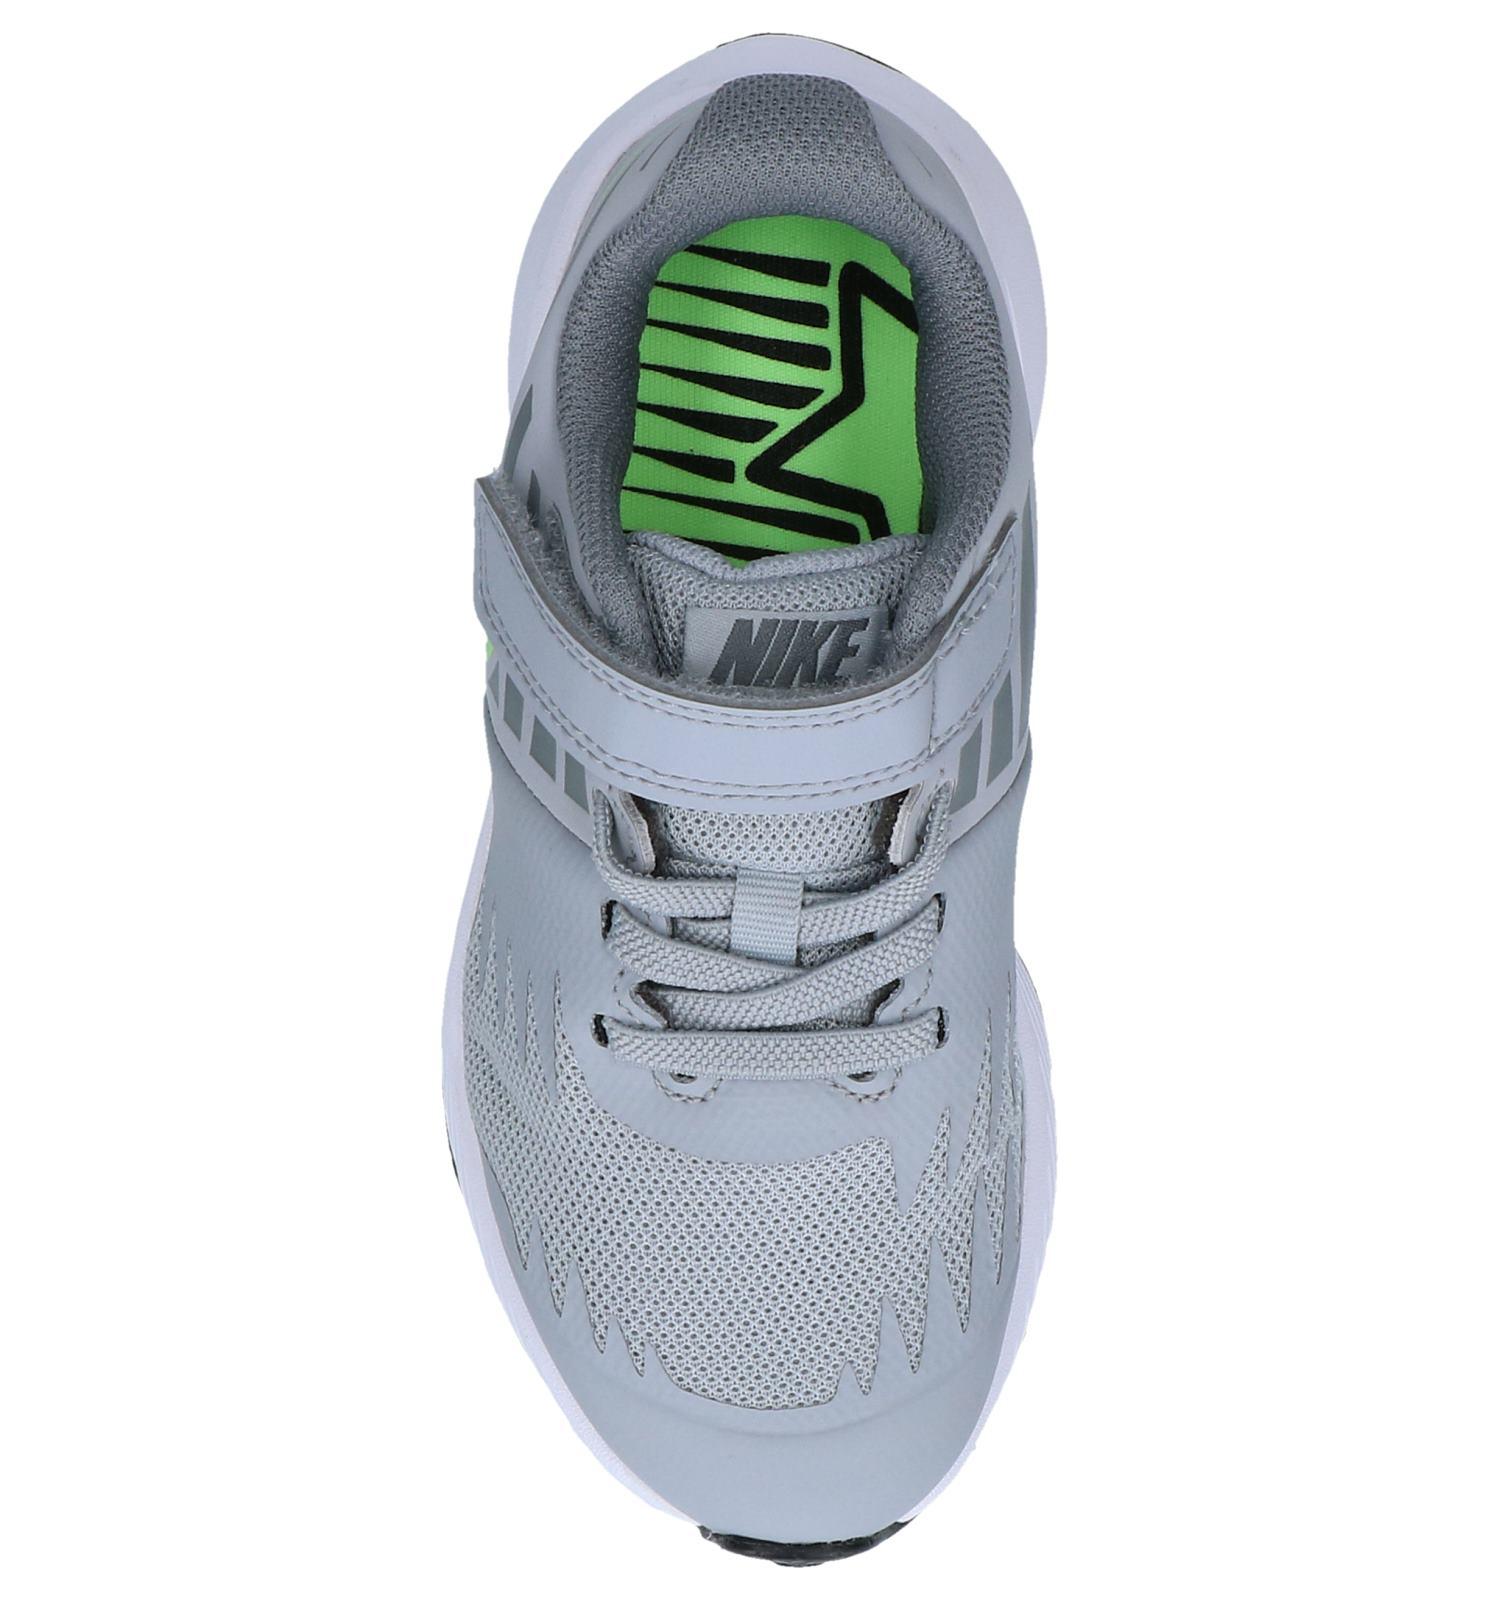 8ac205731f0 Lichtgrijze Runners Nike Star | TORFS.BE | Gratis verzend en retour